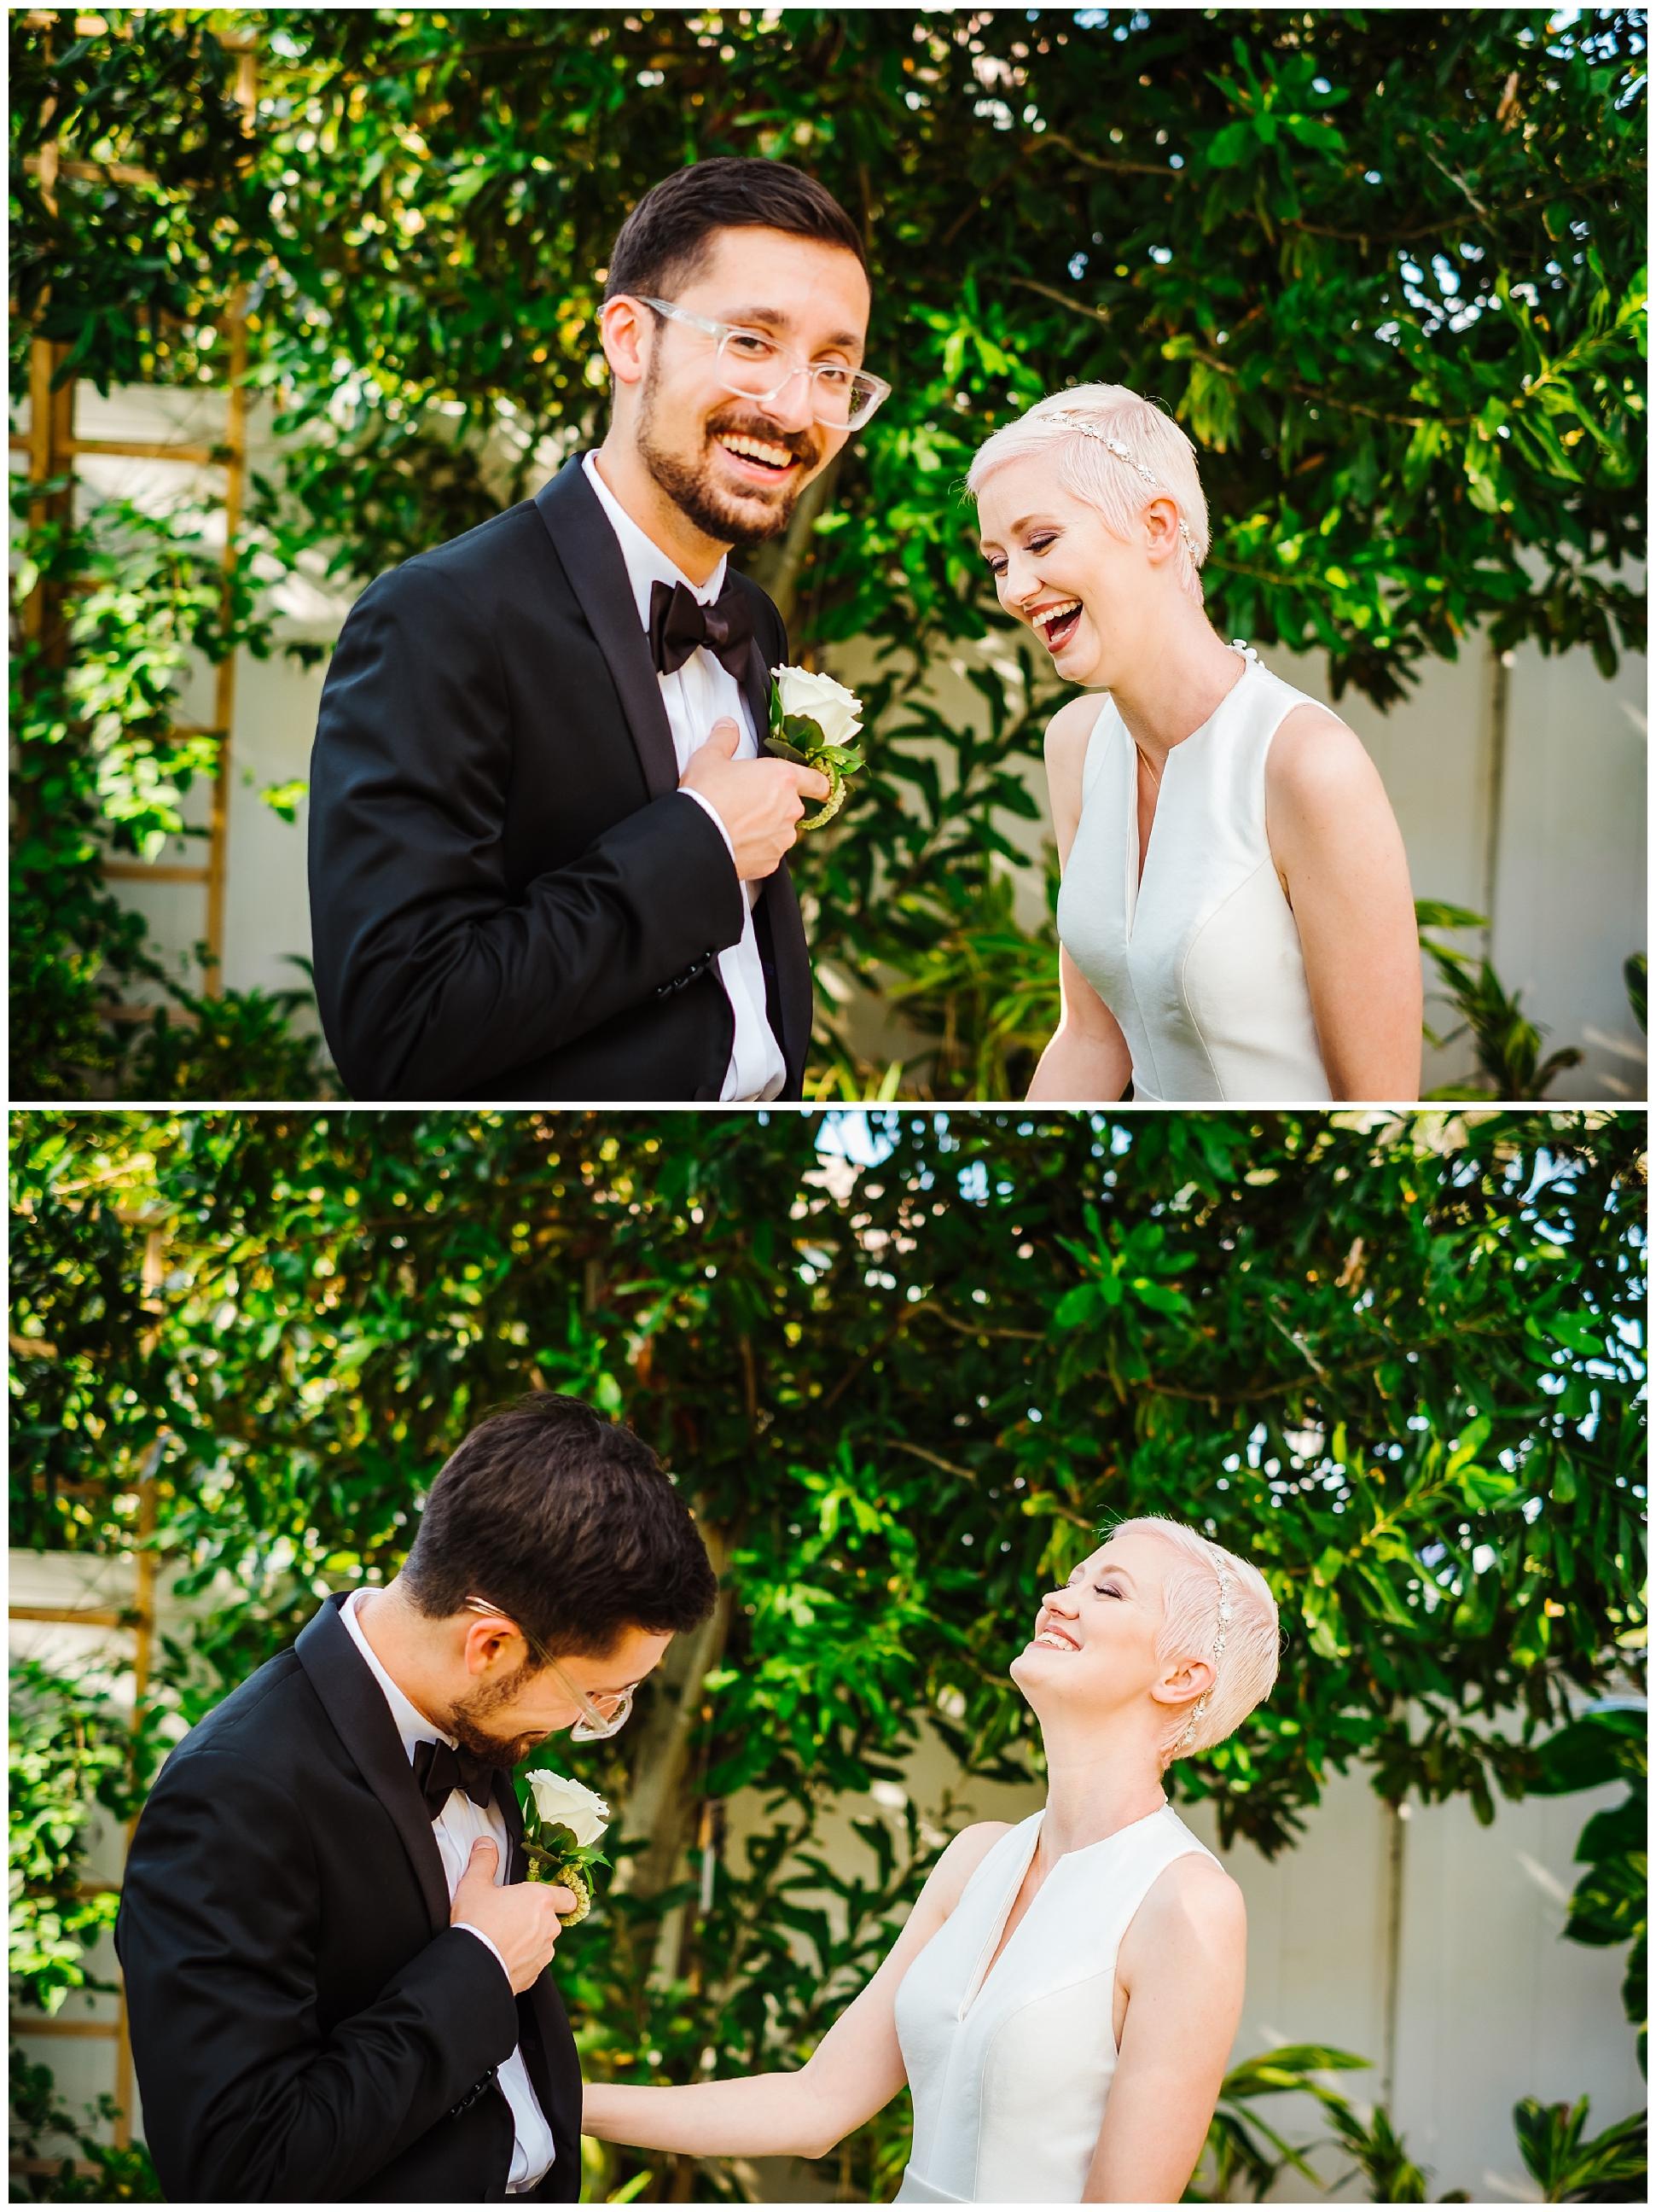 tierra-verde-st-pete-florida-home-luxury-wedding-greenery-pink-pixie-bride_0026.jpg